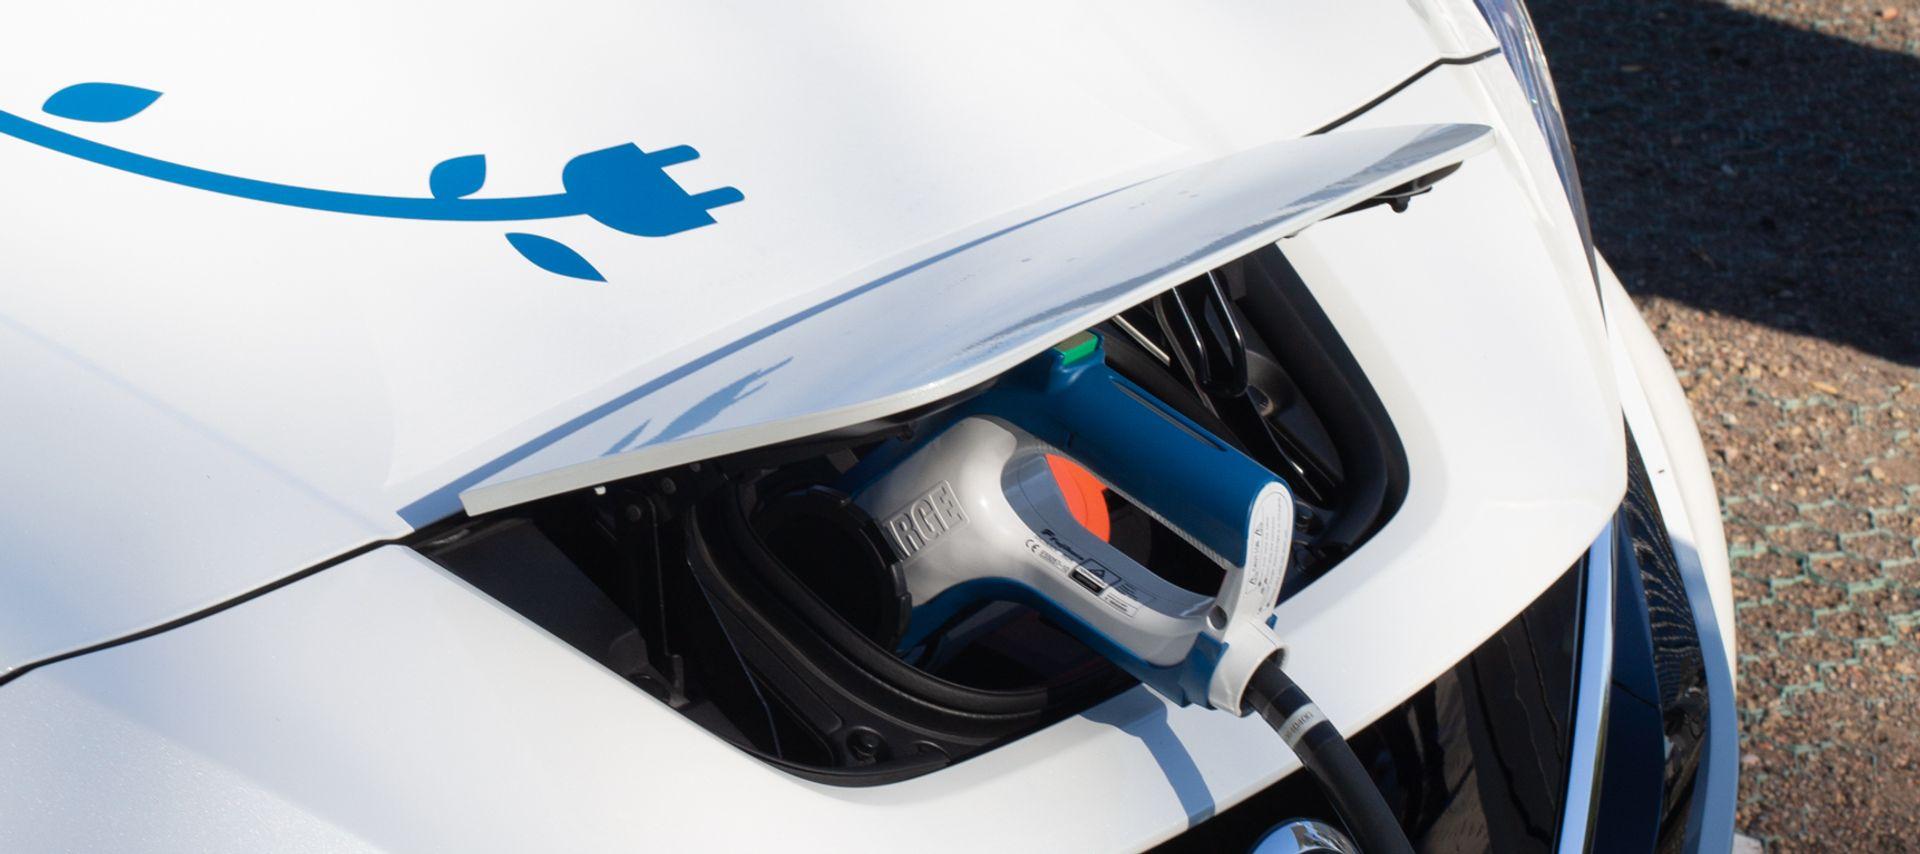 <p>Elektromos aut&oacute; - &aacute;llami t&aacute;mogat&aacute;s 2020</p>